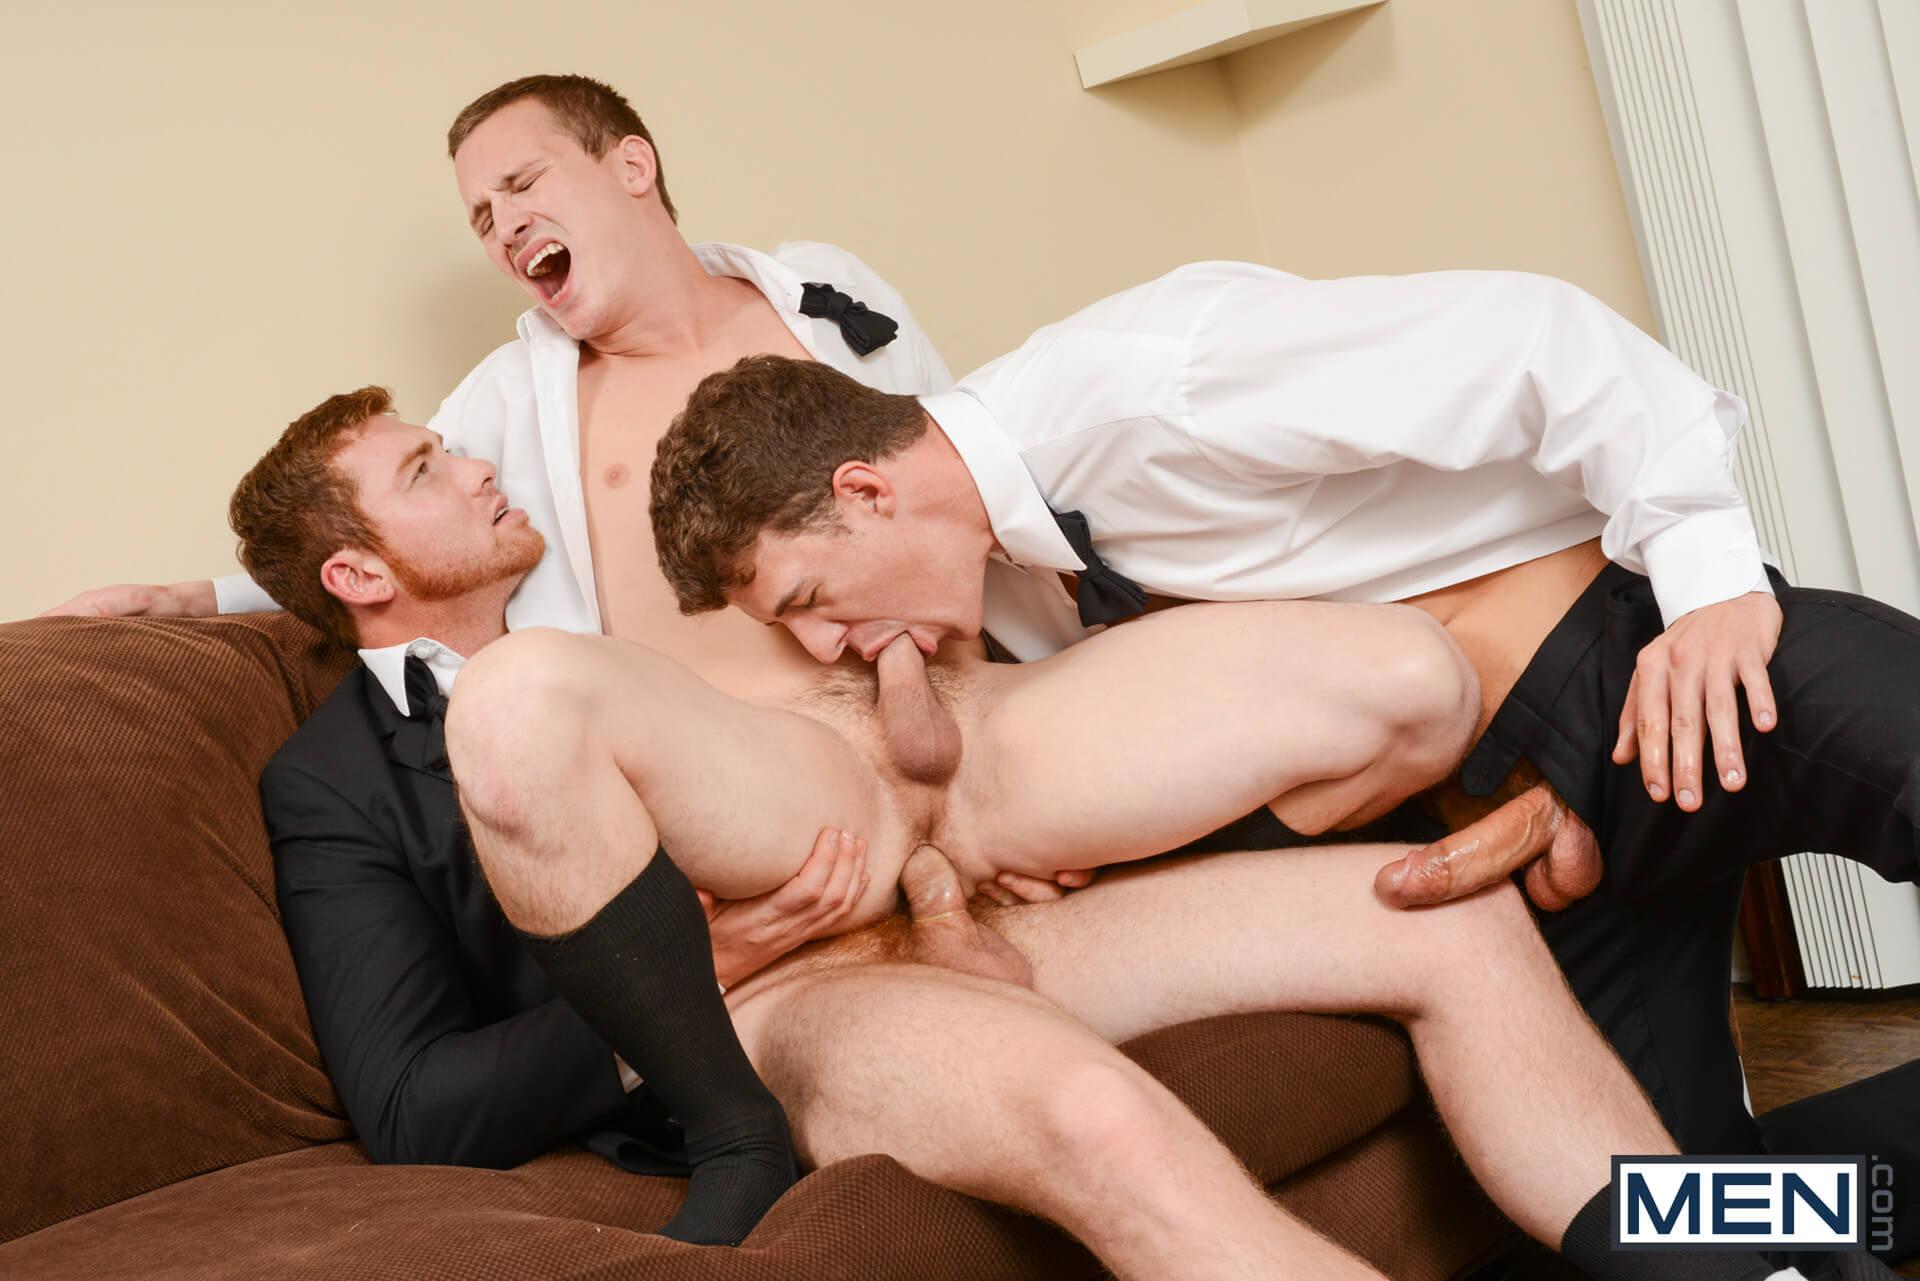 Gay Porno Image gay porno men - naked photo